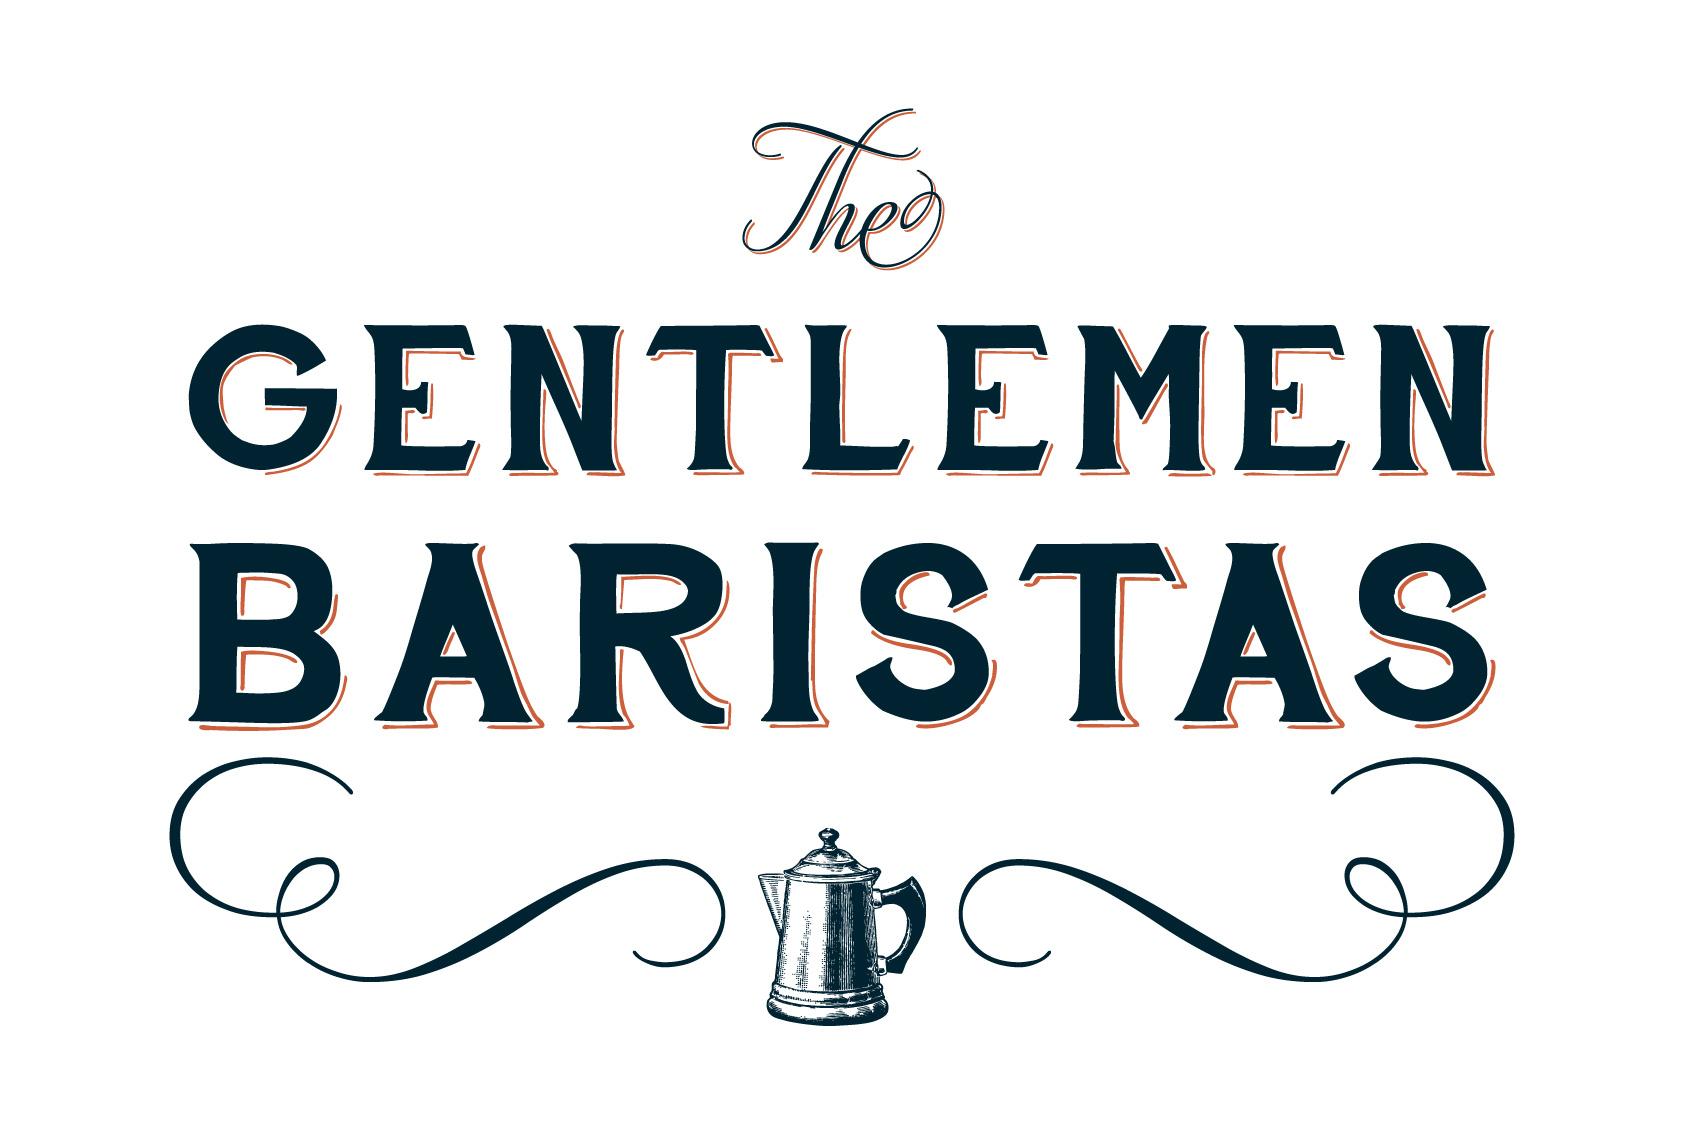 https://0201.nccdn.net/1_2/000/000/0c1/9f4/Gentlemen-Baristas-1684x1134.jpg